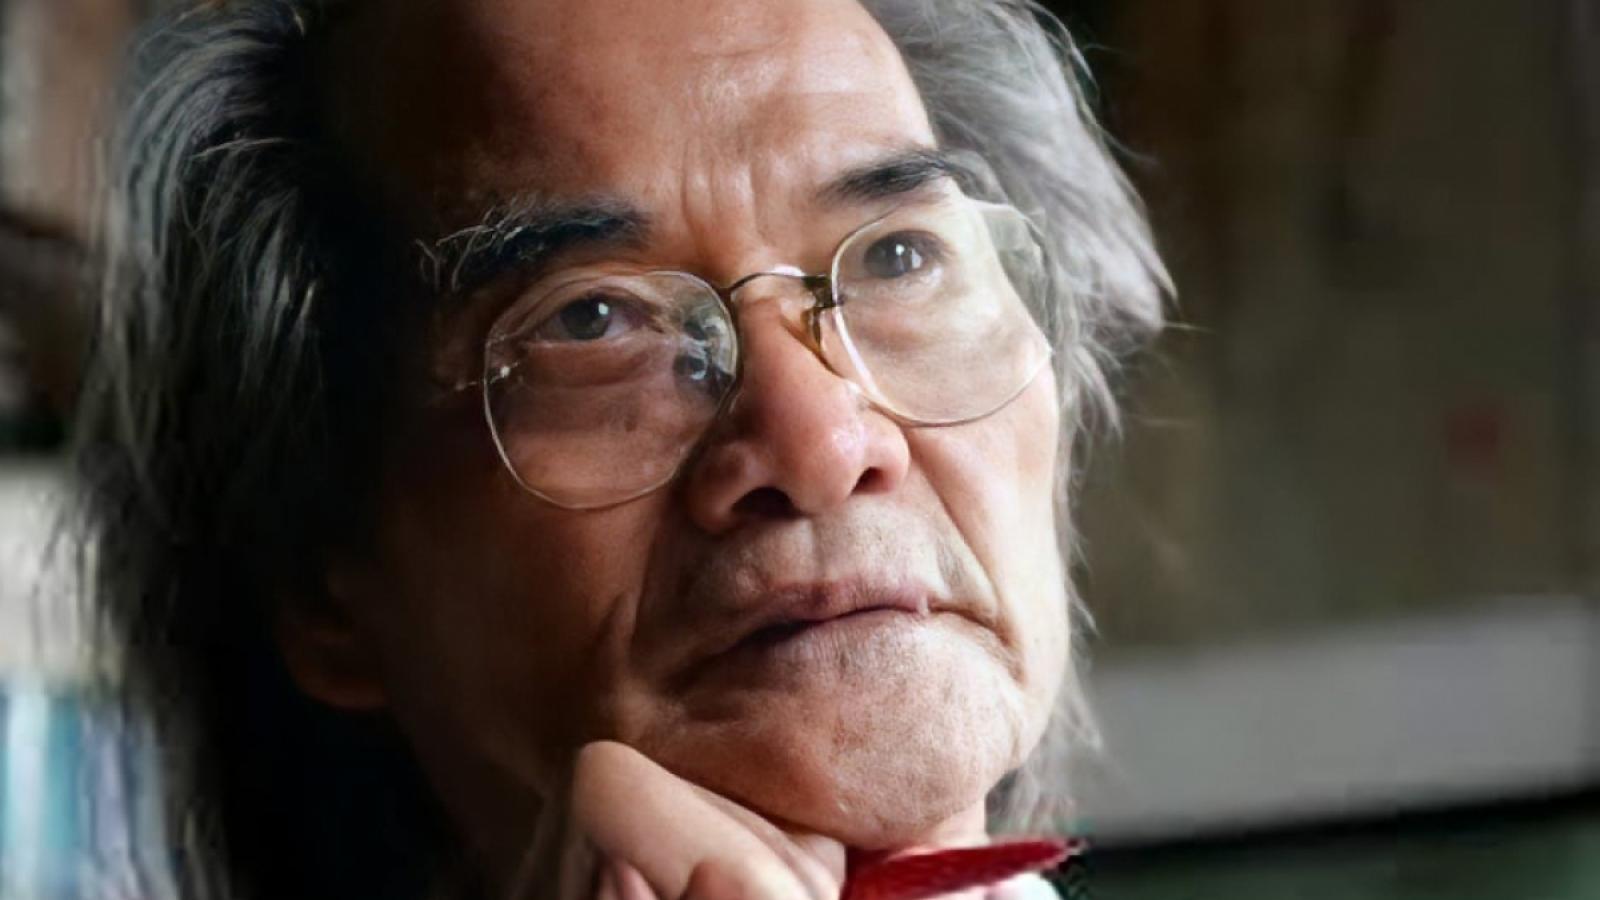 Nghĩ về một người vừa ra đi - nhà văn, nhà báo Sơn Tùng